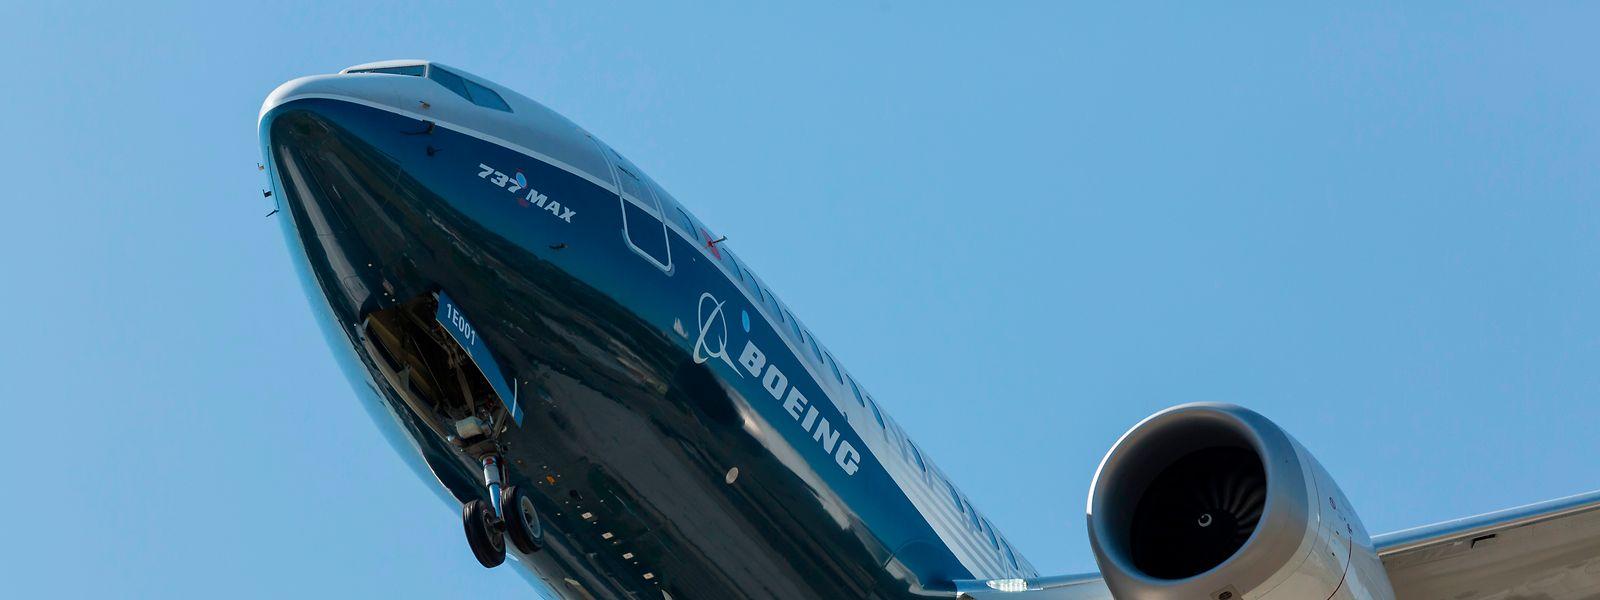 Eine Boeing 737 MAX 7 landet in Rahmen eines Testflugs in Seattle auf dem Boeing-Flugfeld.